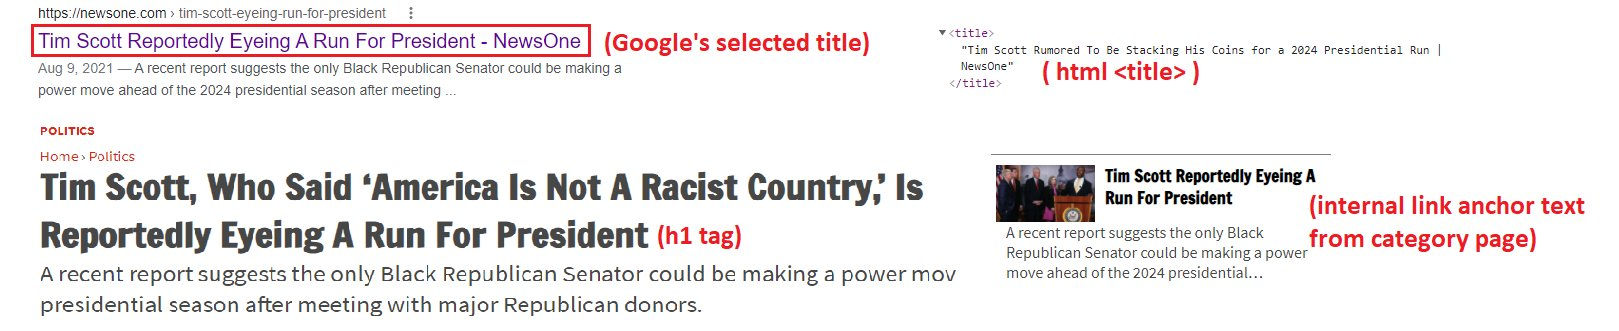 Google может заменять Title на H1 в выдаче, Фото № 2 - google-seo.pro